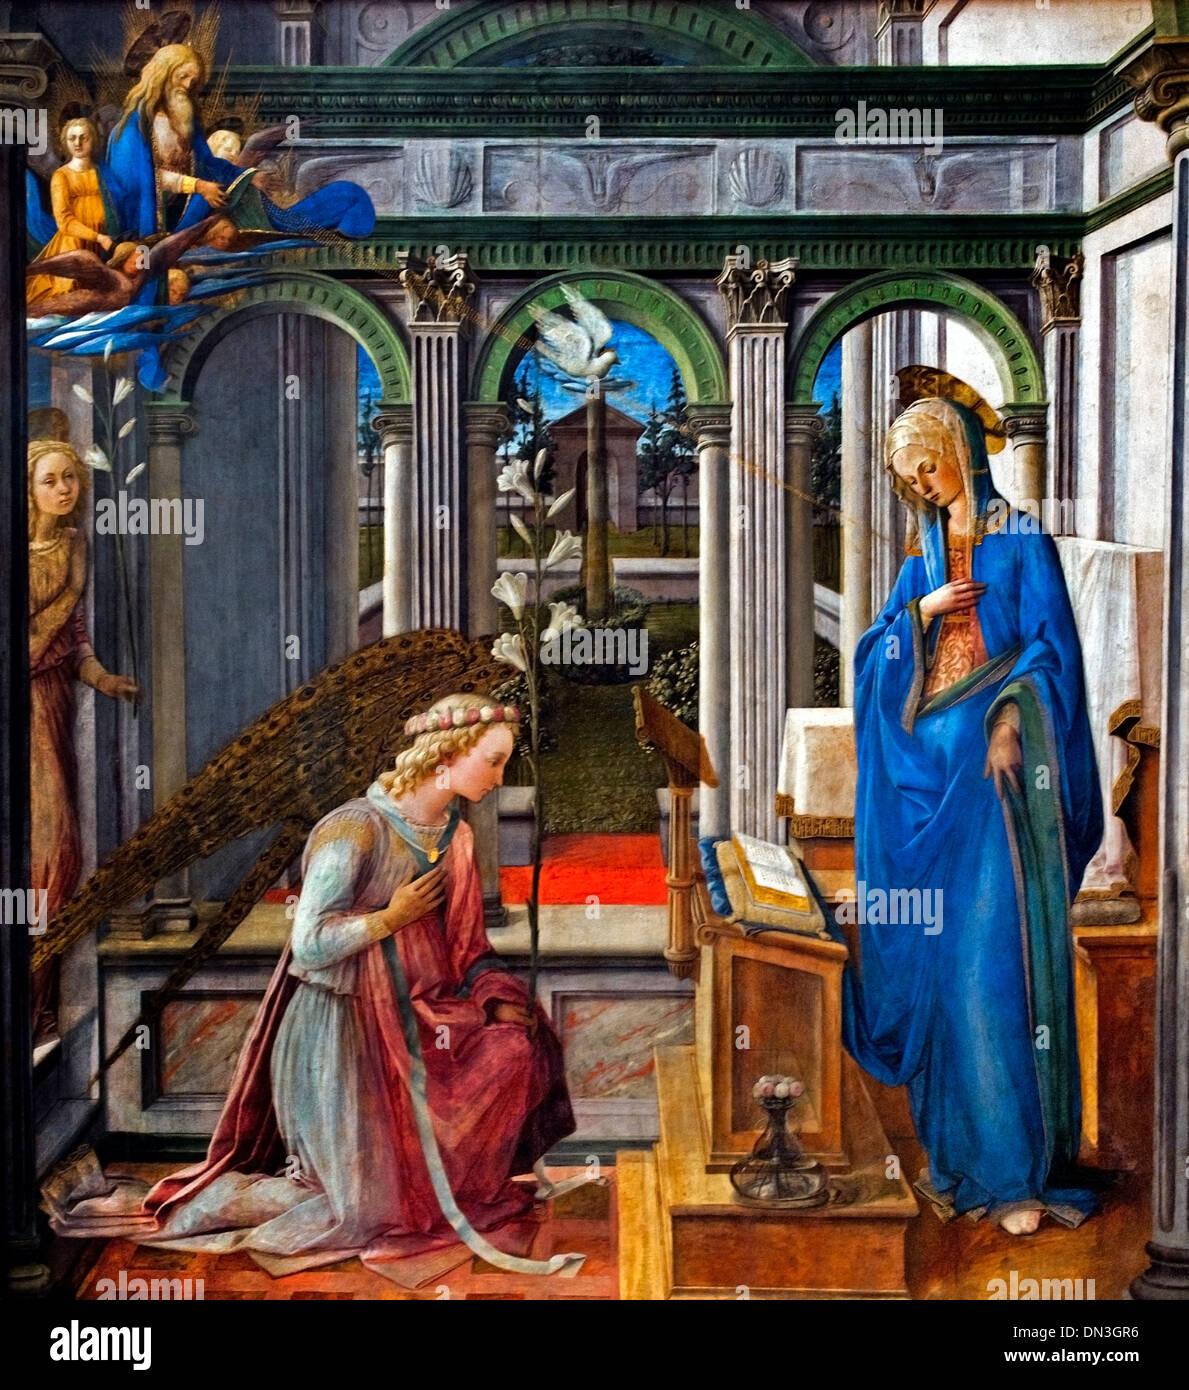 THE ANNUNCIATION 1450 FRA FILIPPO LIPPI (1406-1469)  Italy Italian - Stock Image